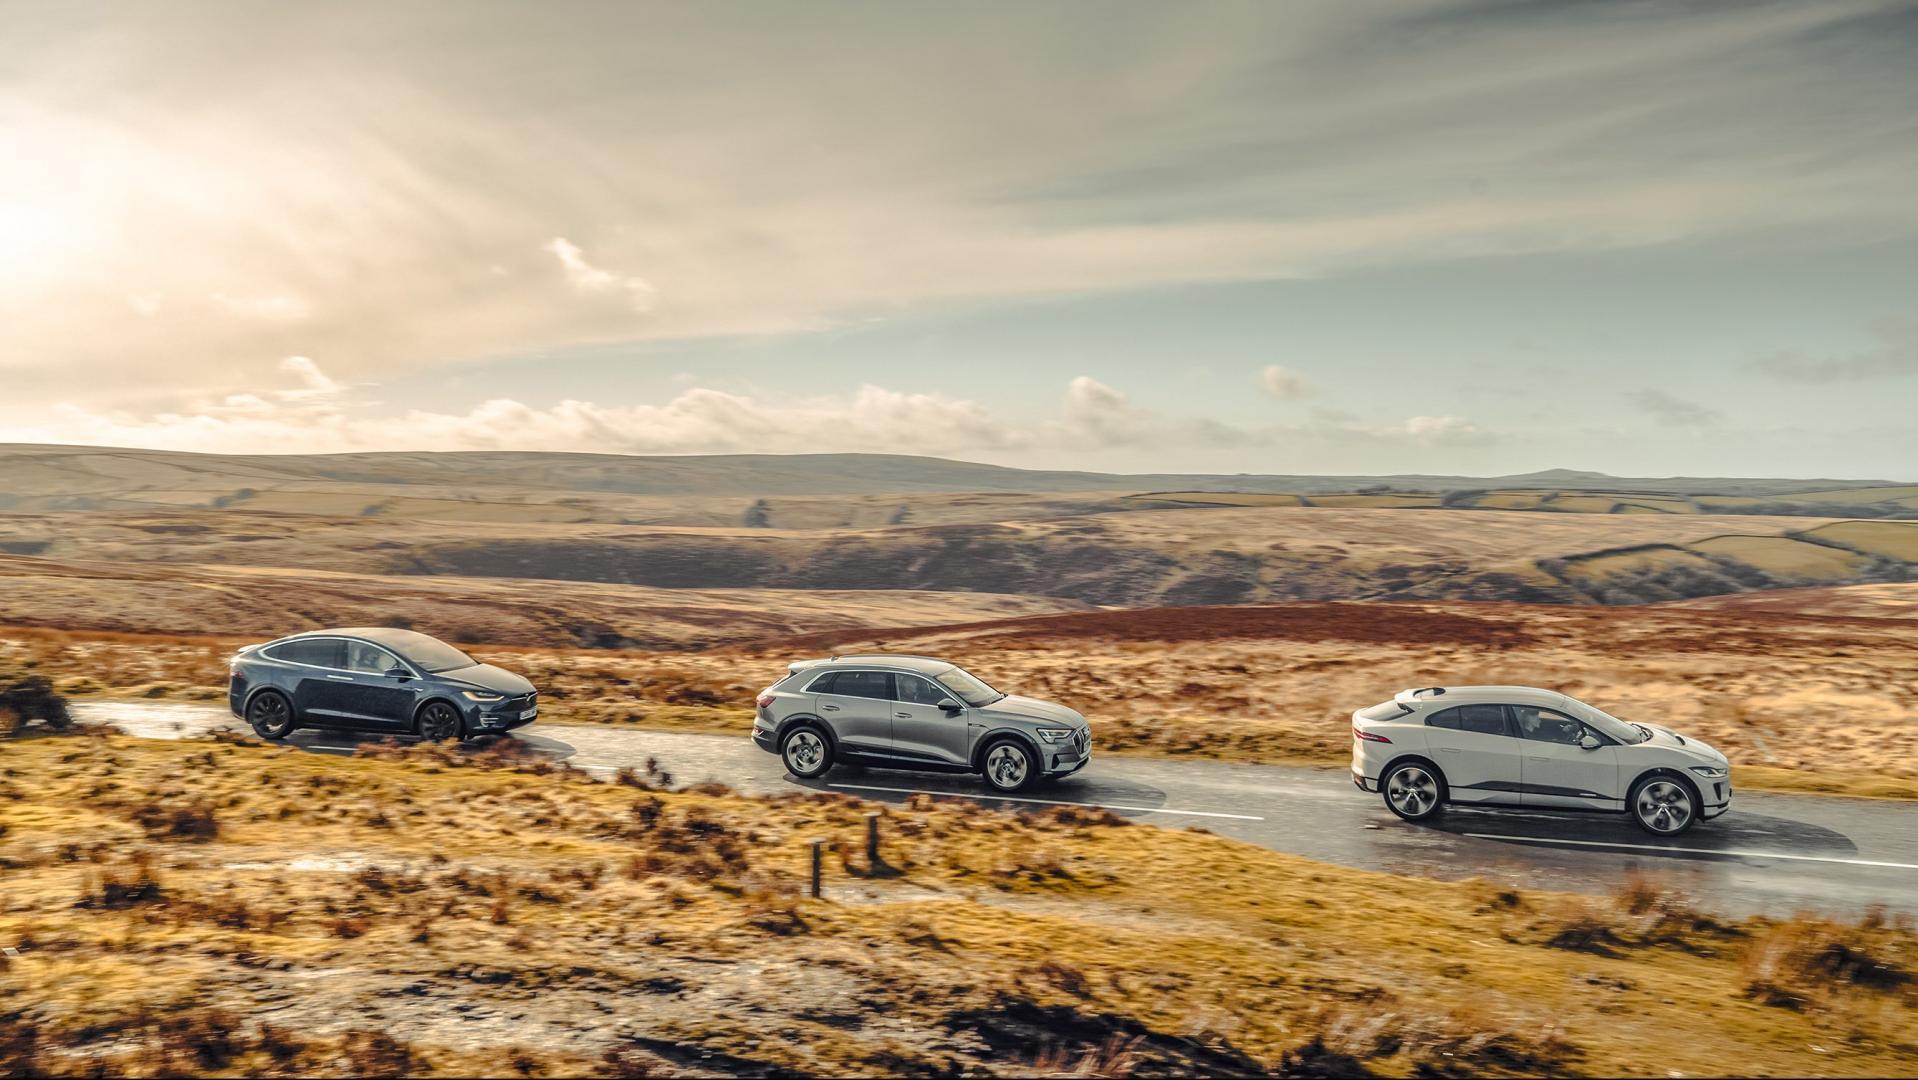 Audi e-tron, Tesla Model X, Jaguar I-Pace EV400 - Elektrische gezinsautos